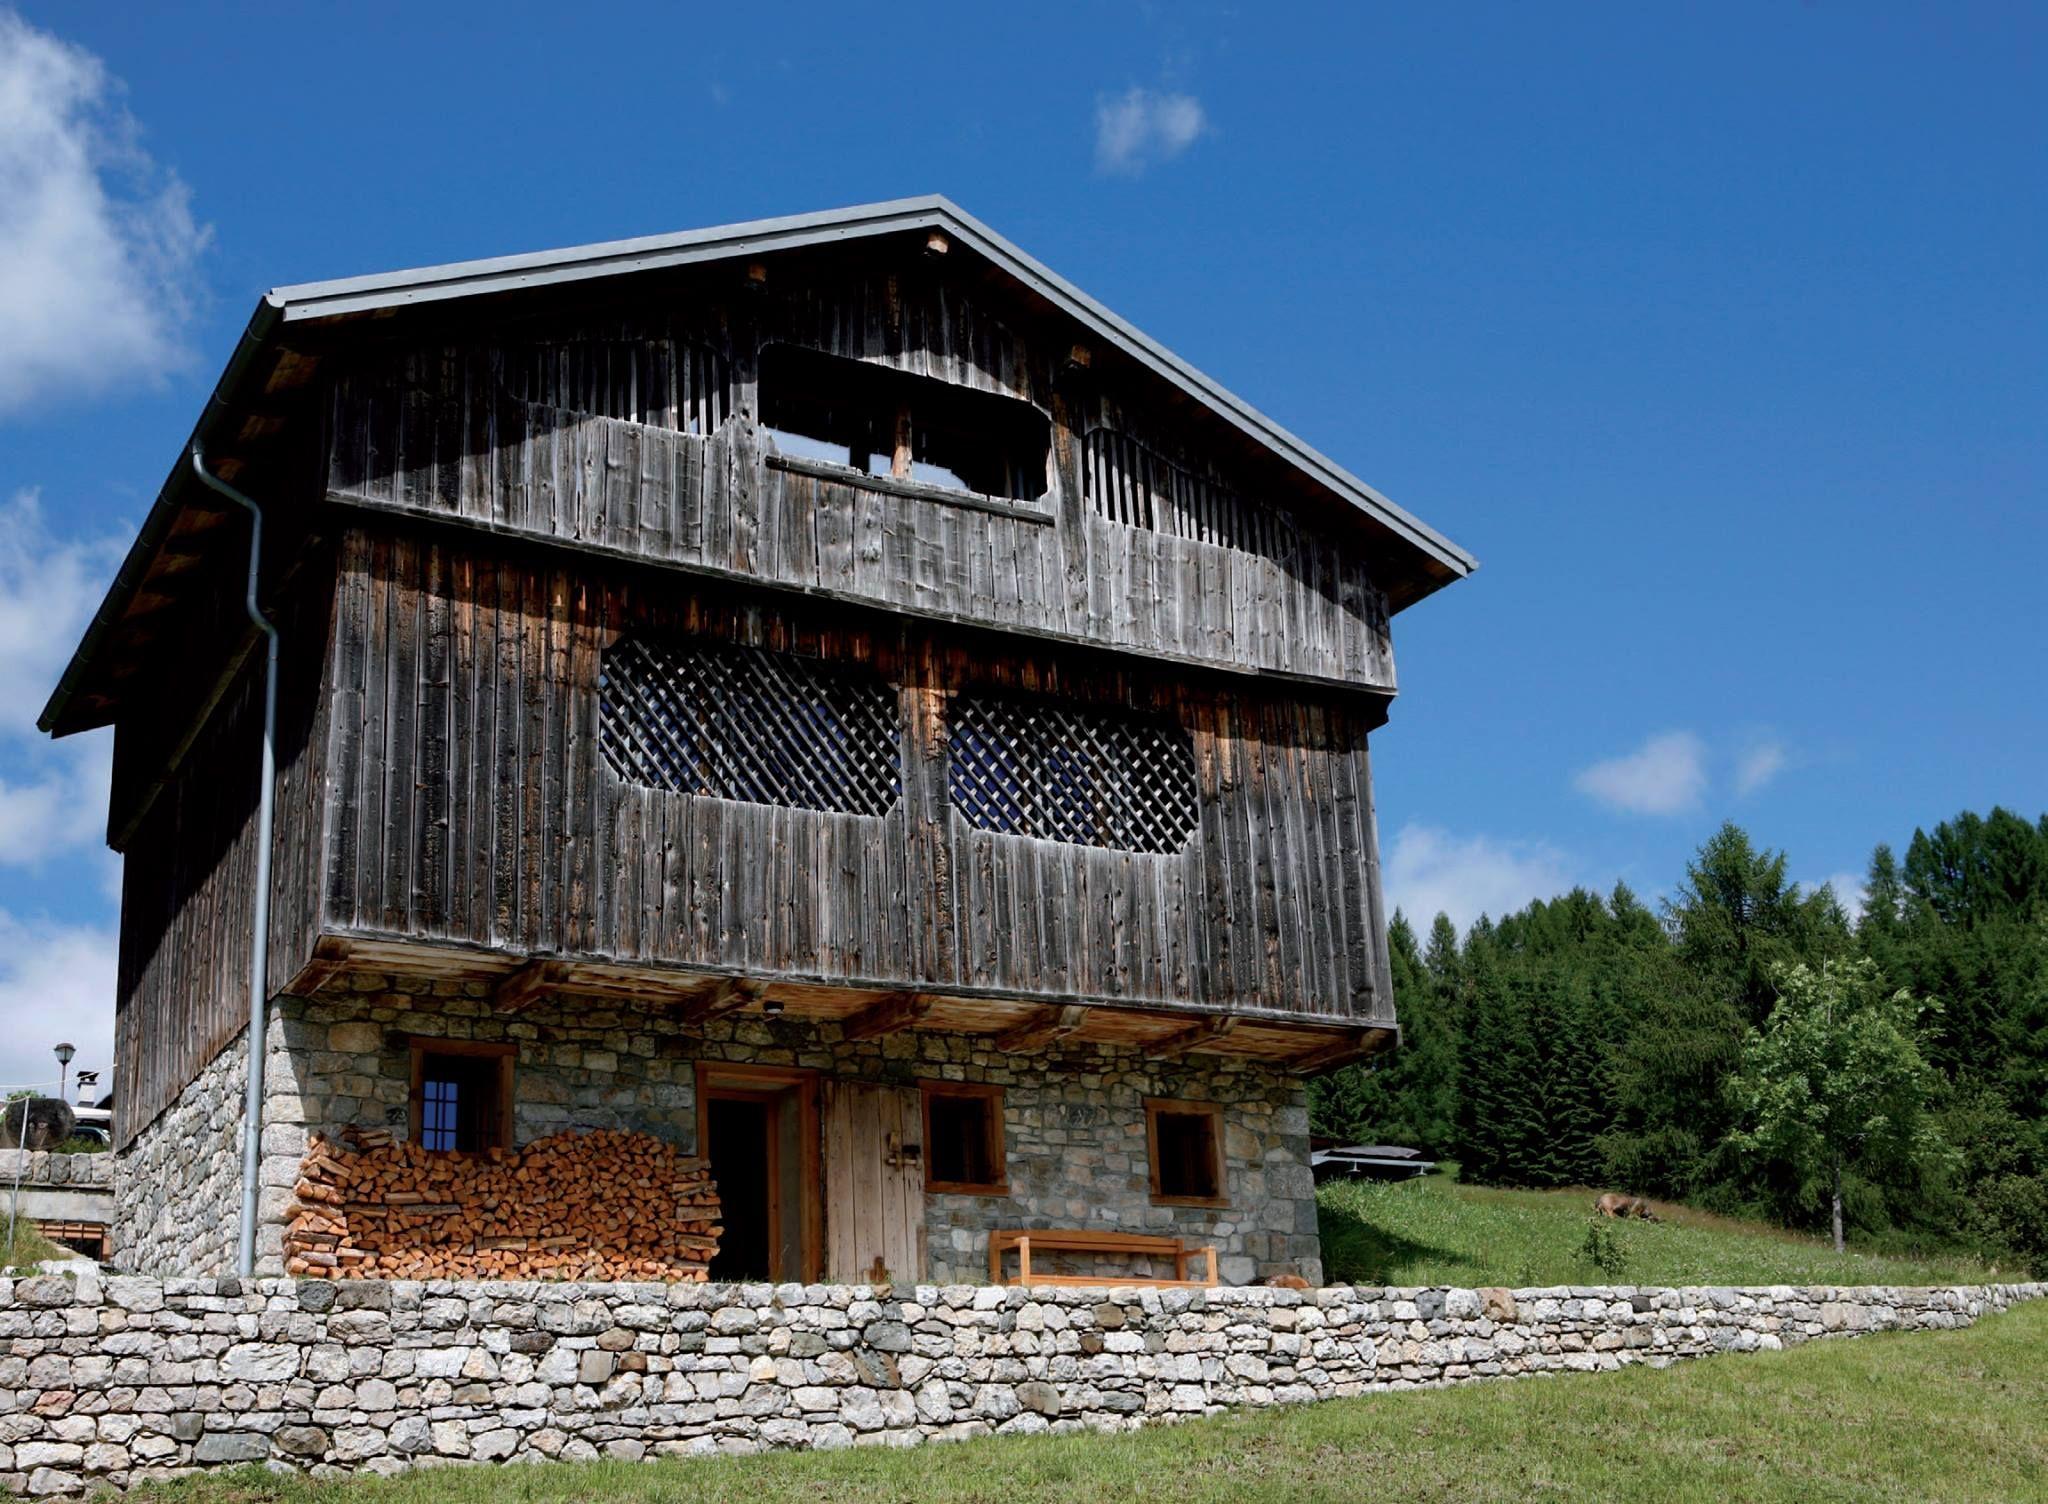 #VillegiardiniAbitare Un recupero attento in Val Zolda ha dato nuova vita al rifugio di Matteo Sartori, architetto, in un incantevole paesaggio affacciato sulle Dolomiti.